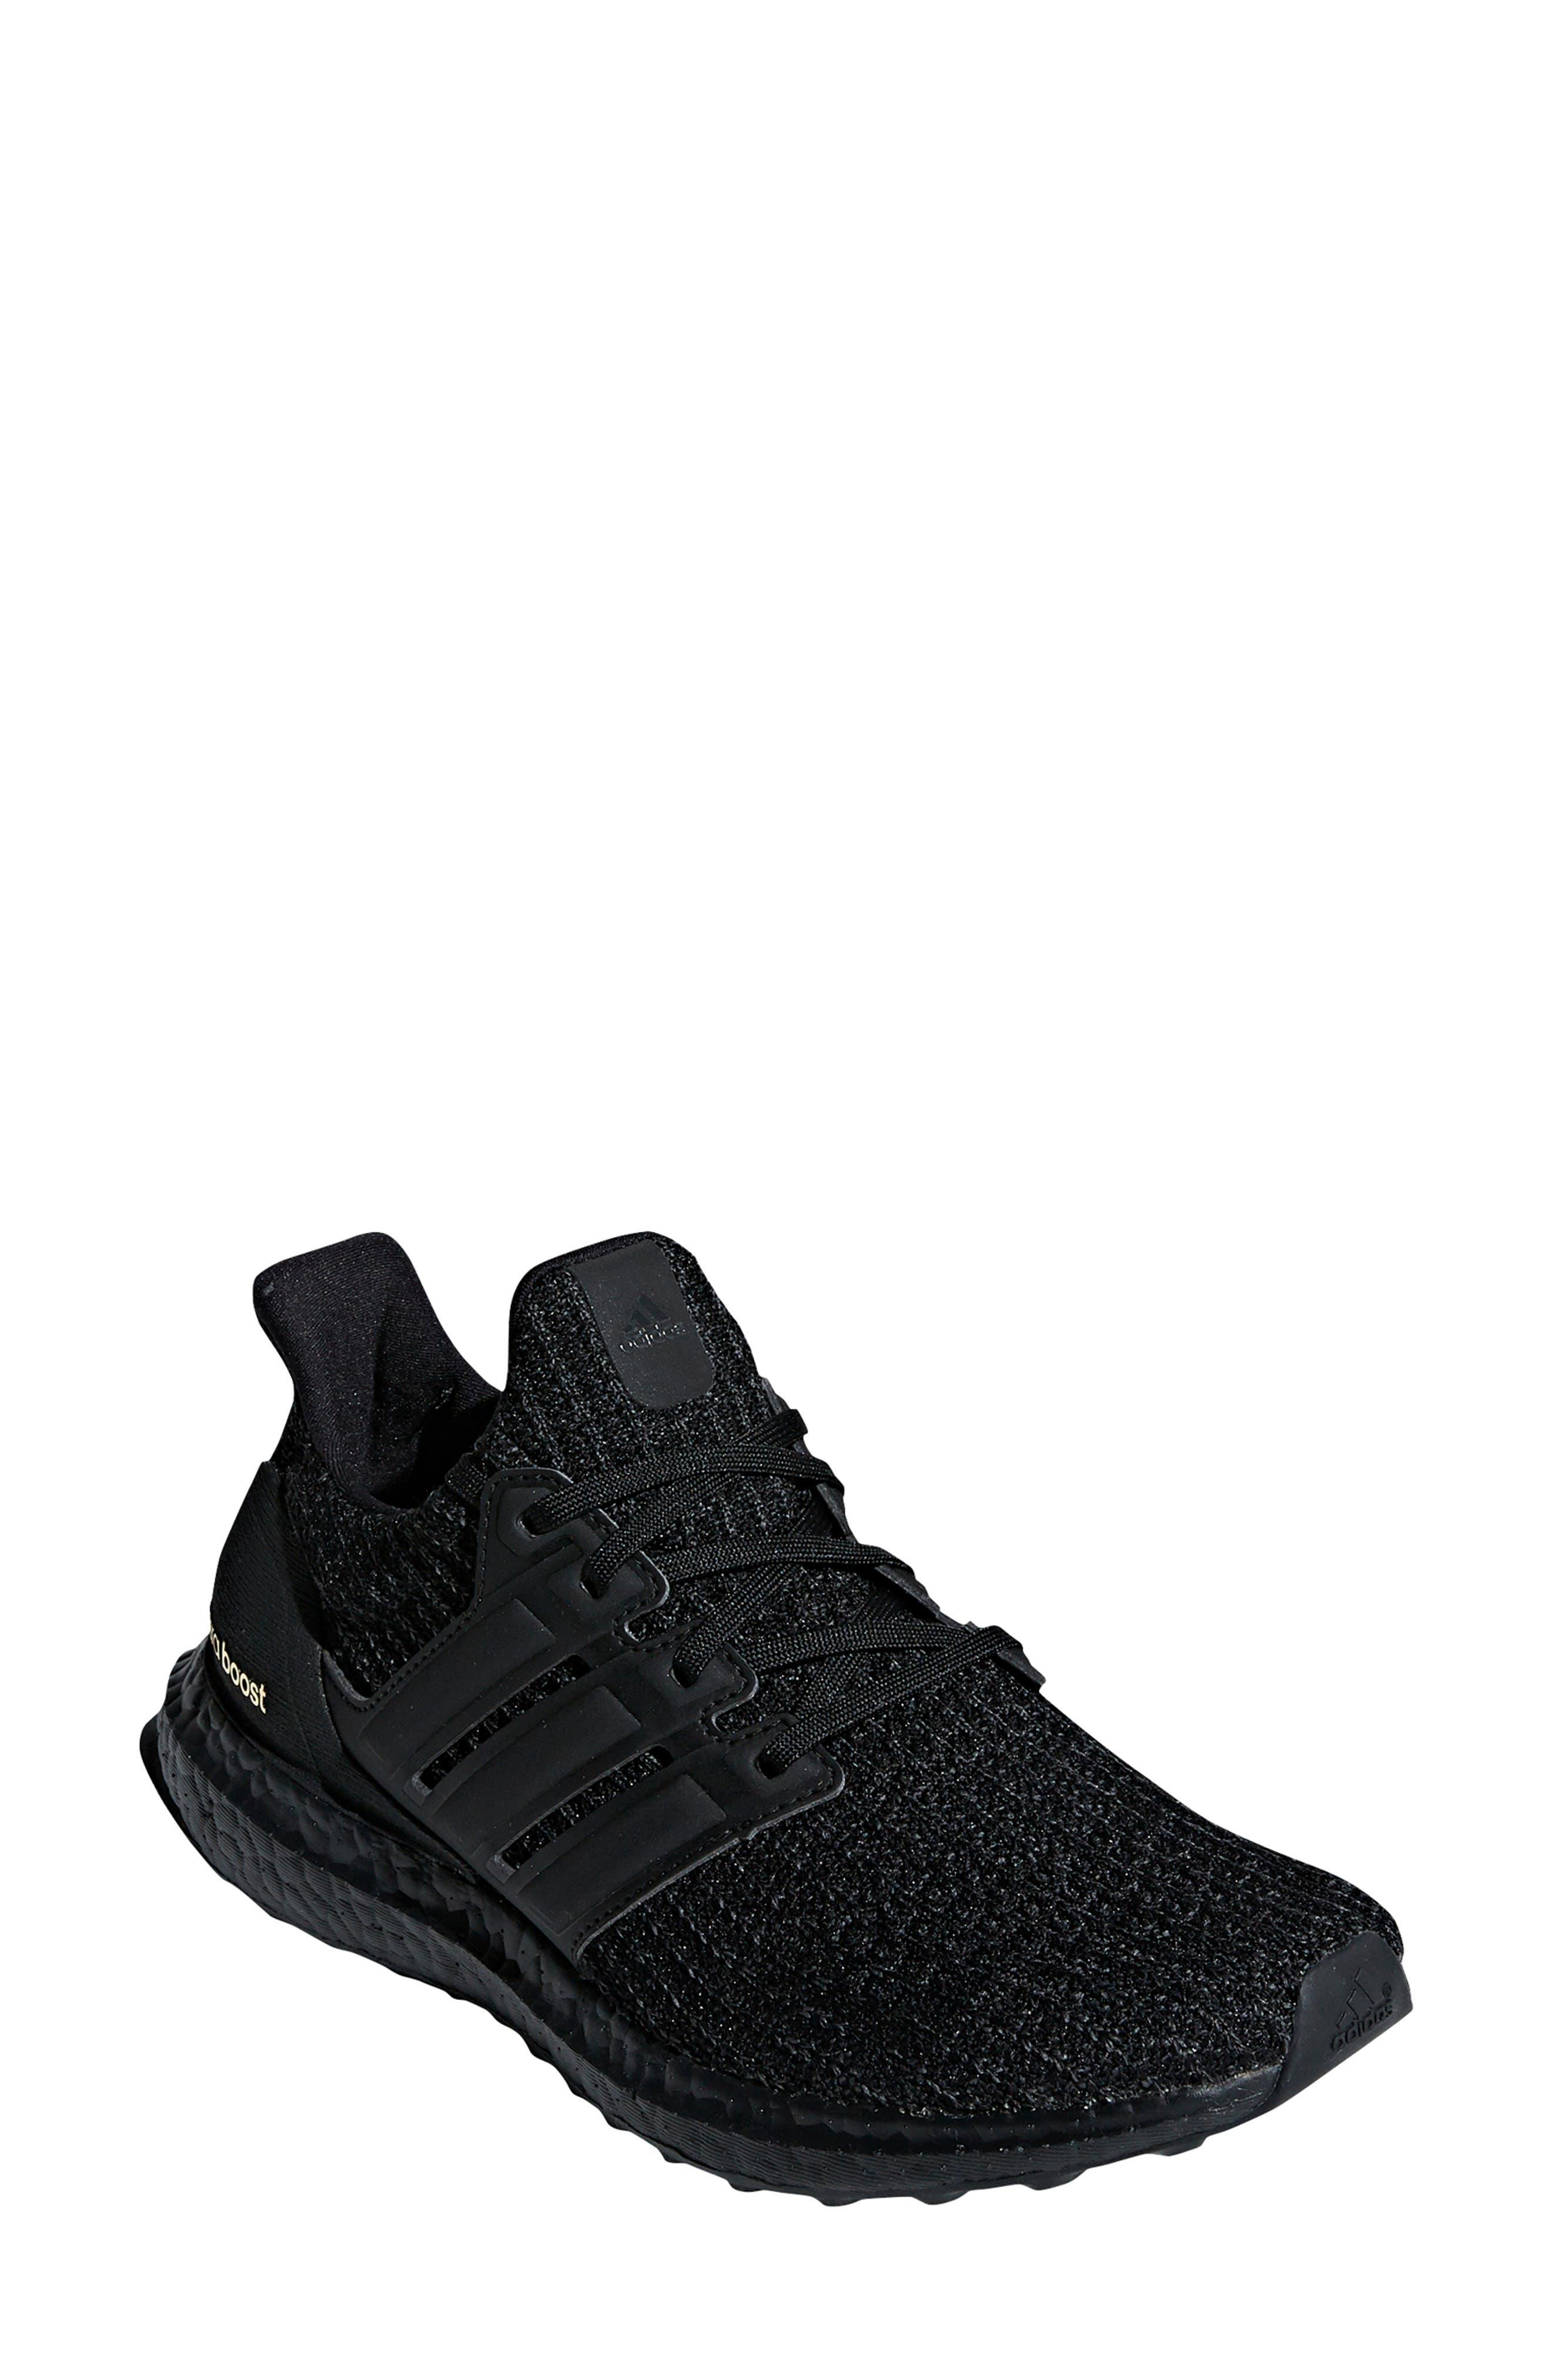 5e605e85d93 adidas NMD R1 Athletic Shoe (Women)